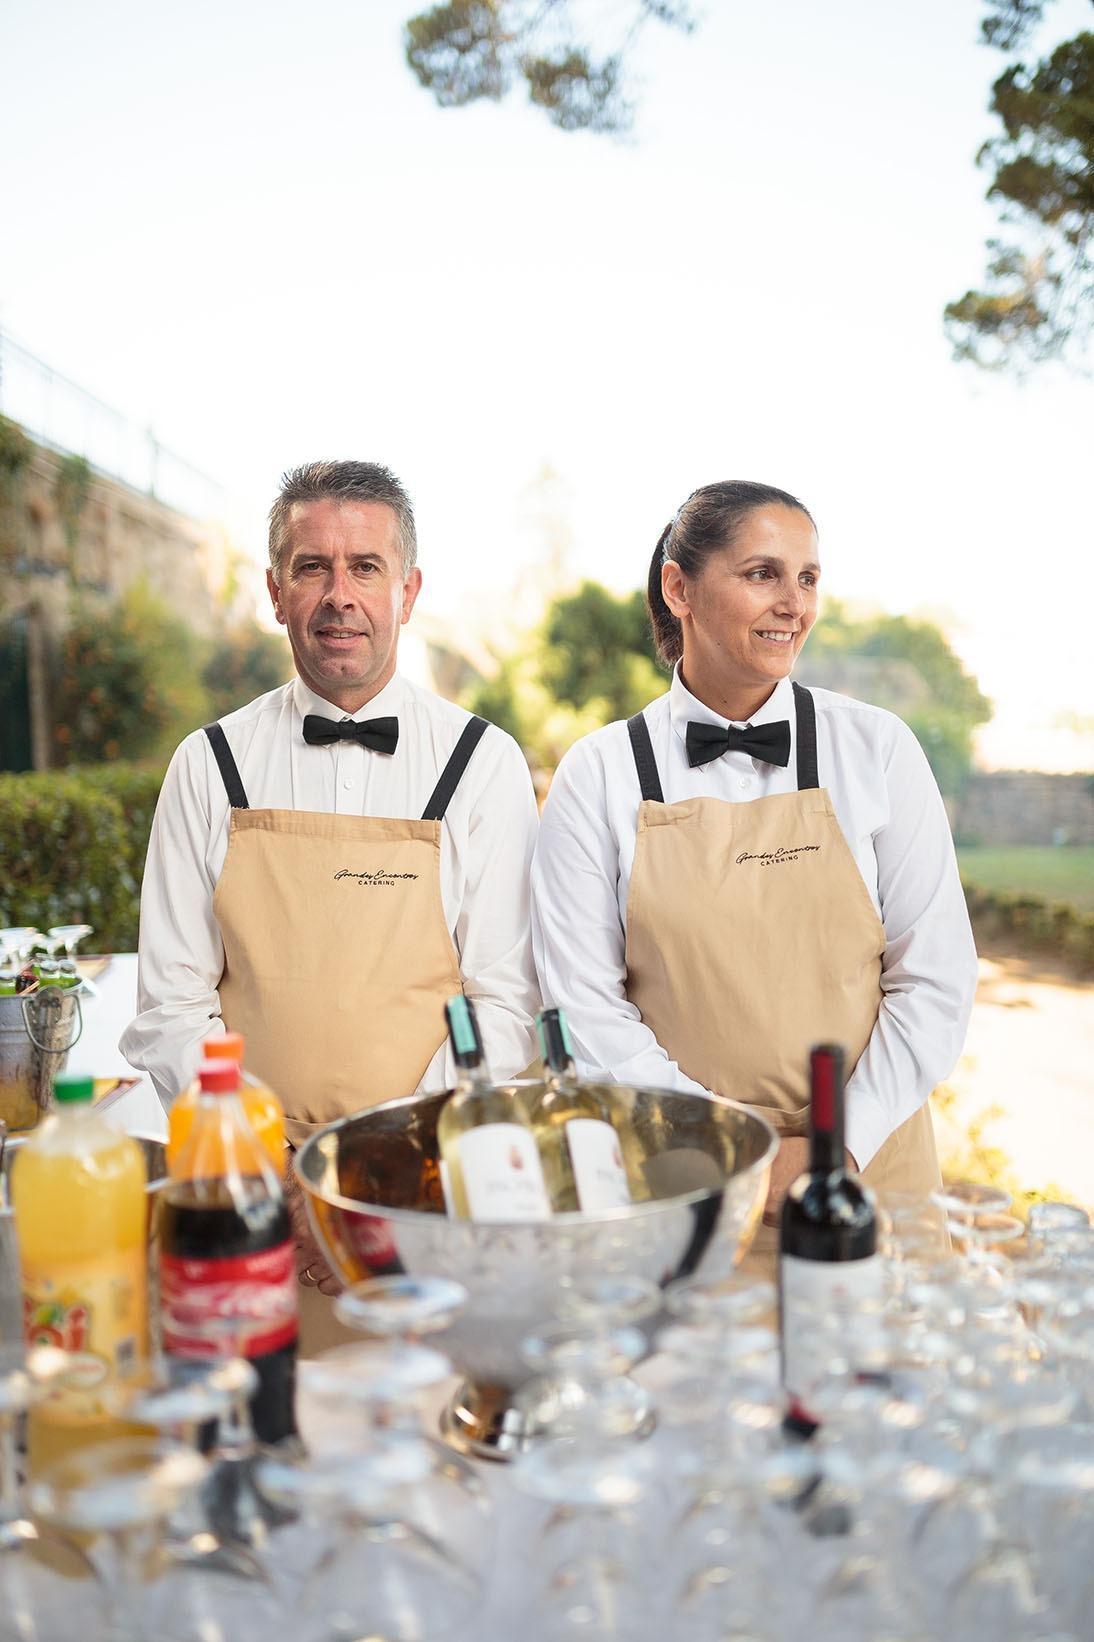 empregados de mesa com avental bege